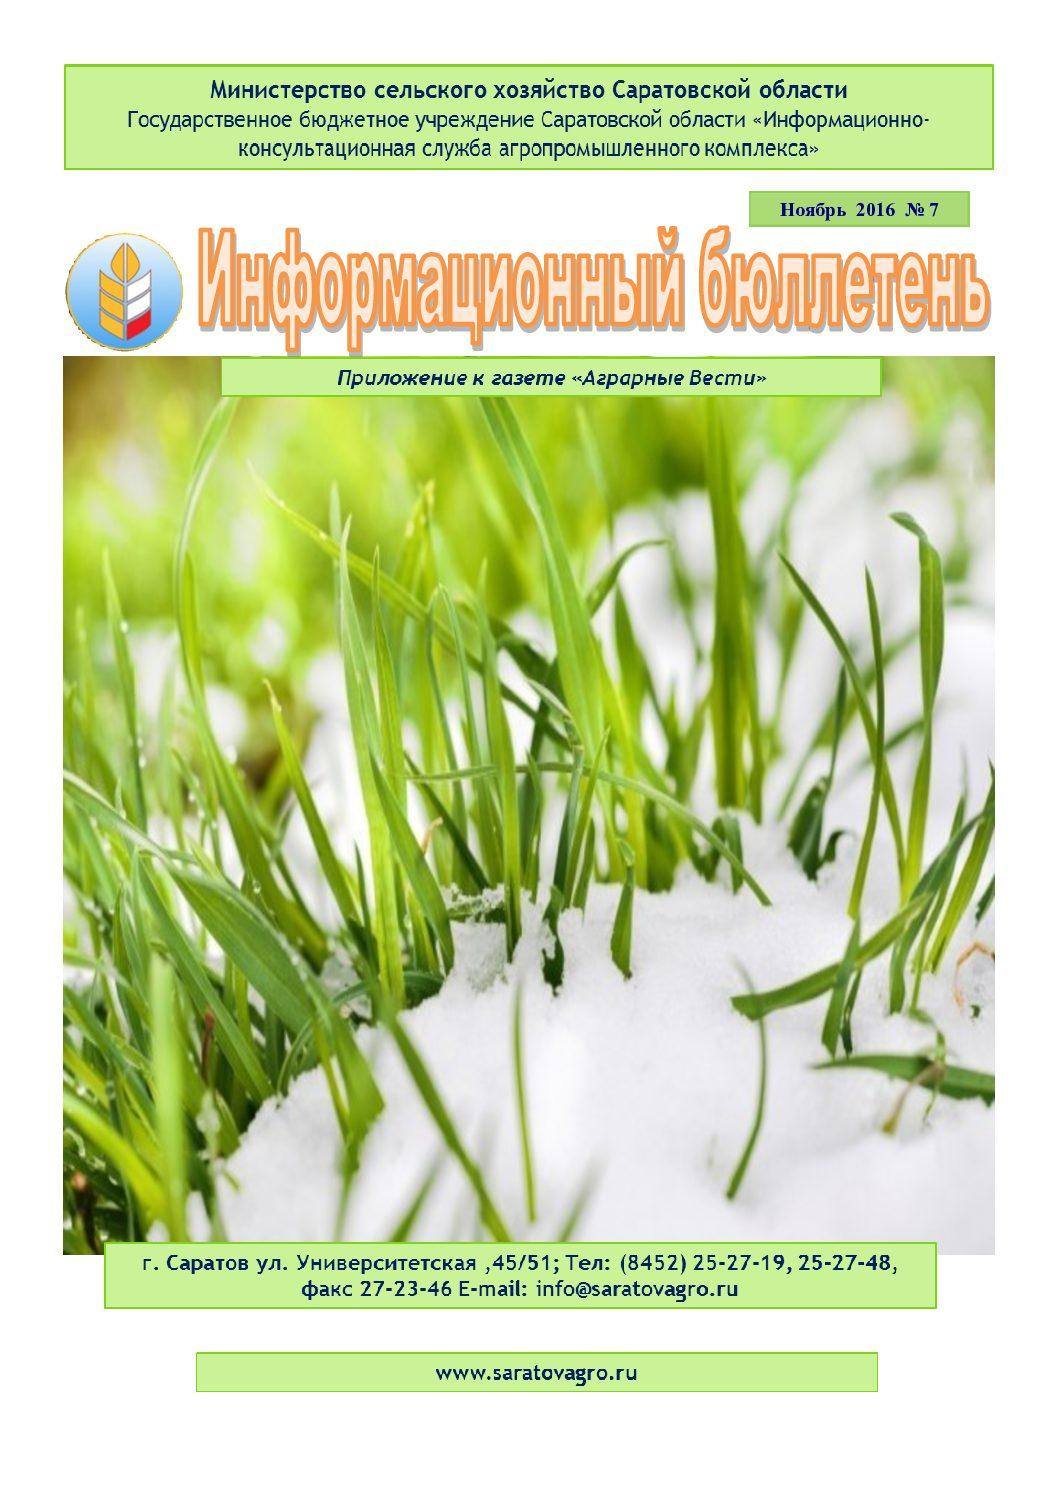 https://saratovagro.ru/wp-content/uploads/2020/08/№7-ноябрь-pdf.jpg